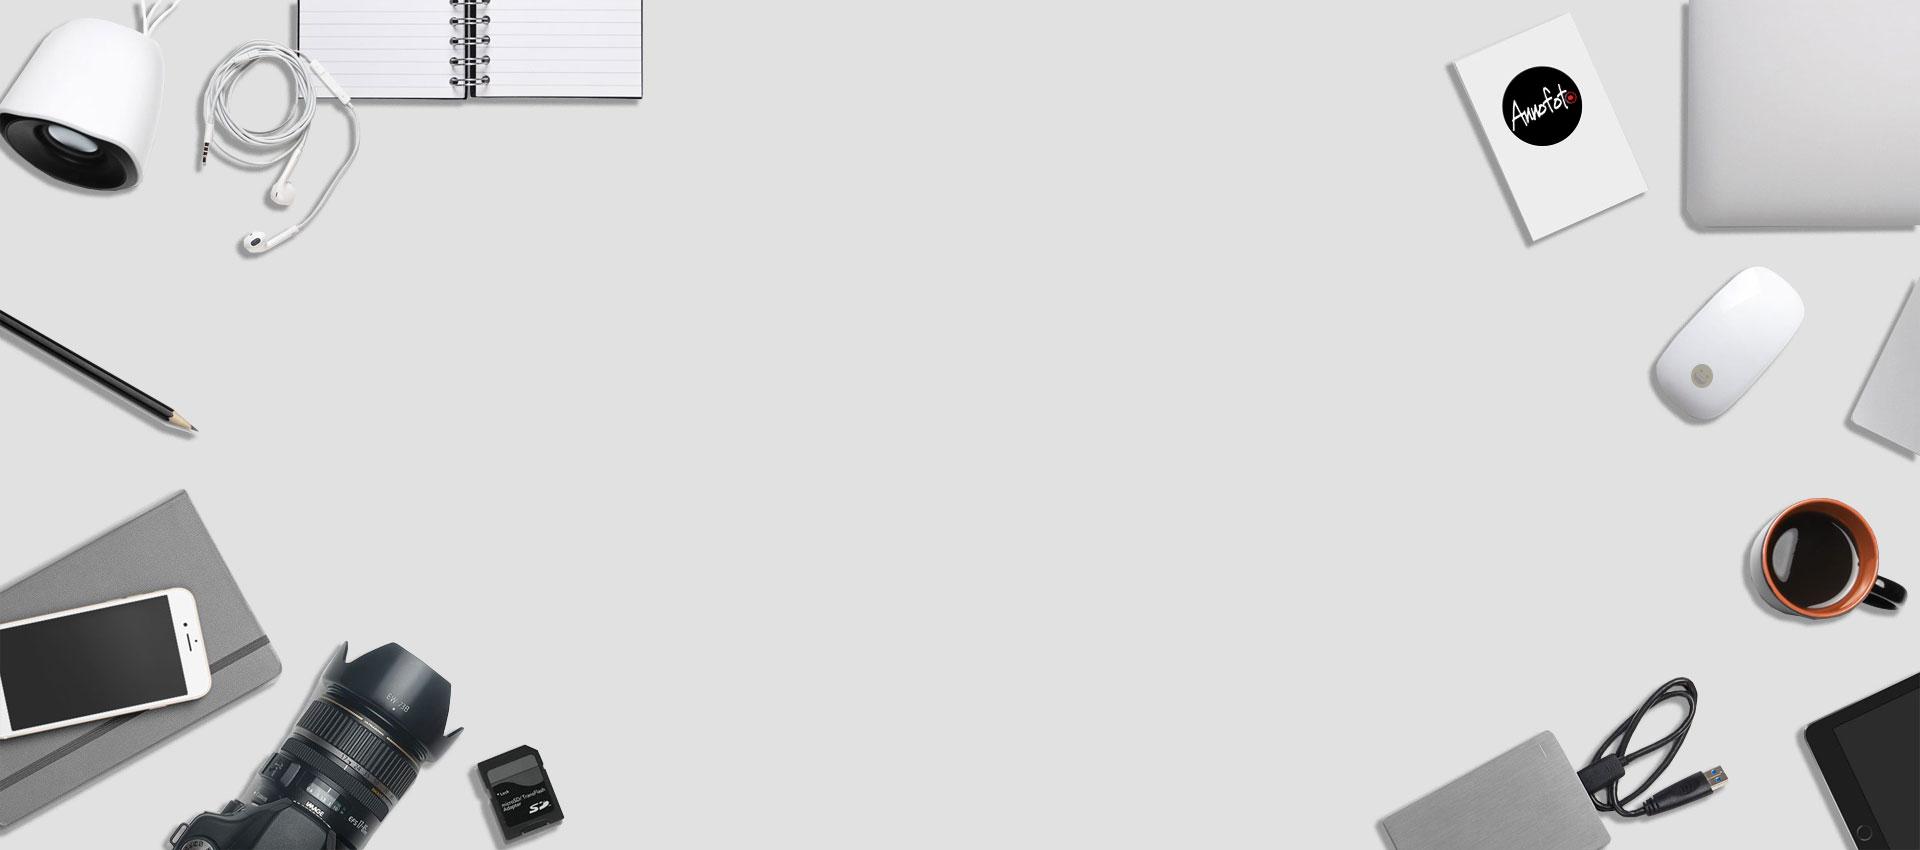 annofoto-kapcsolat-hatterkep